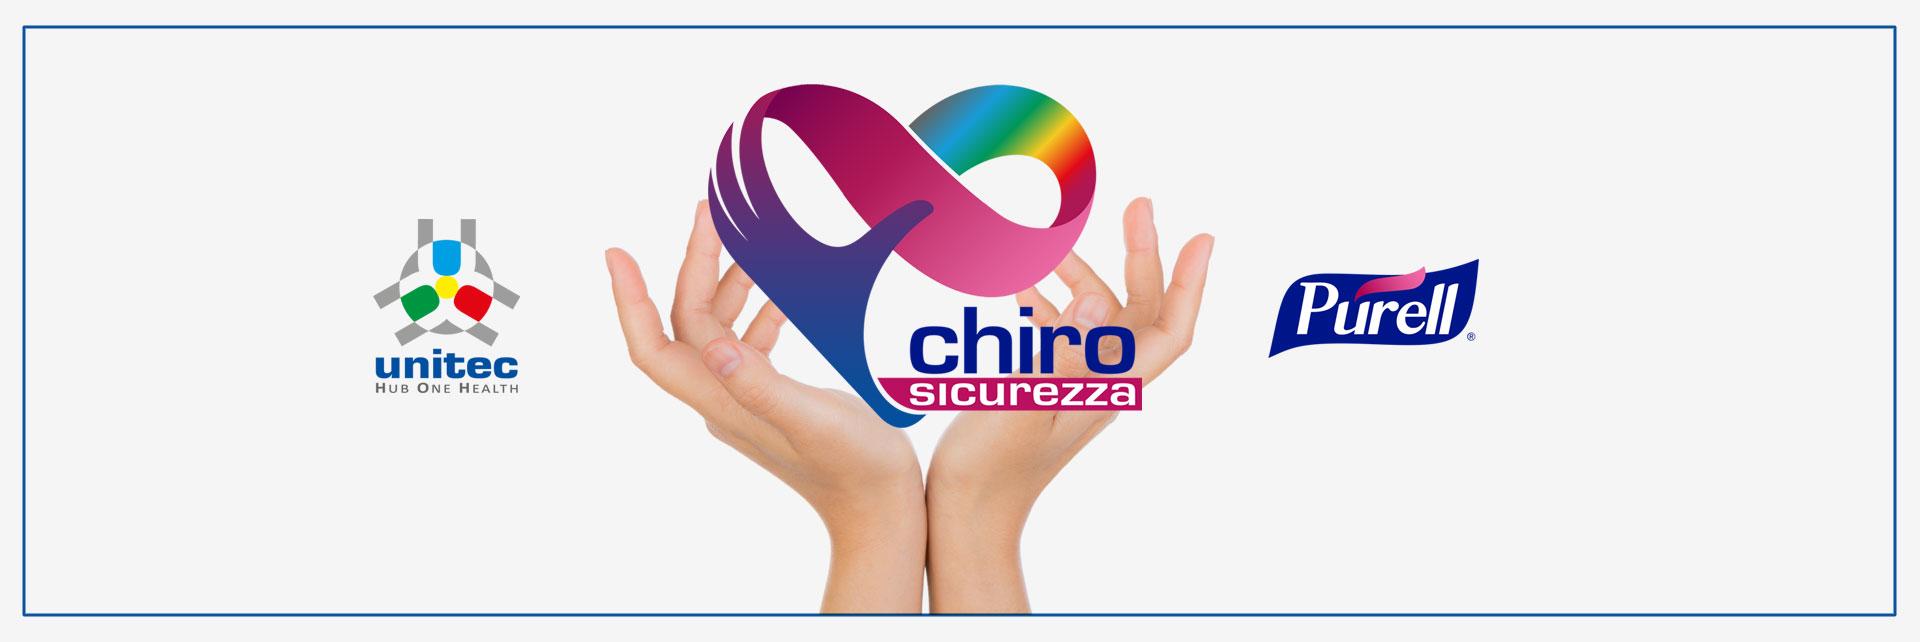 ChiroSicurezza - Biosicurezza a Fior Fiore di Pelle